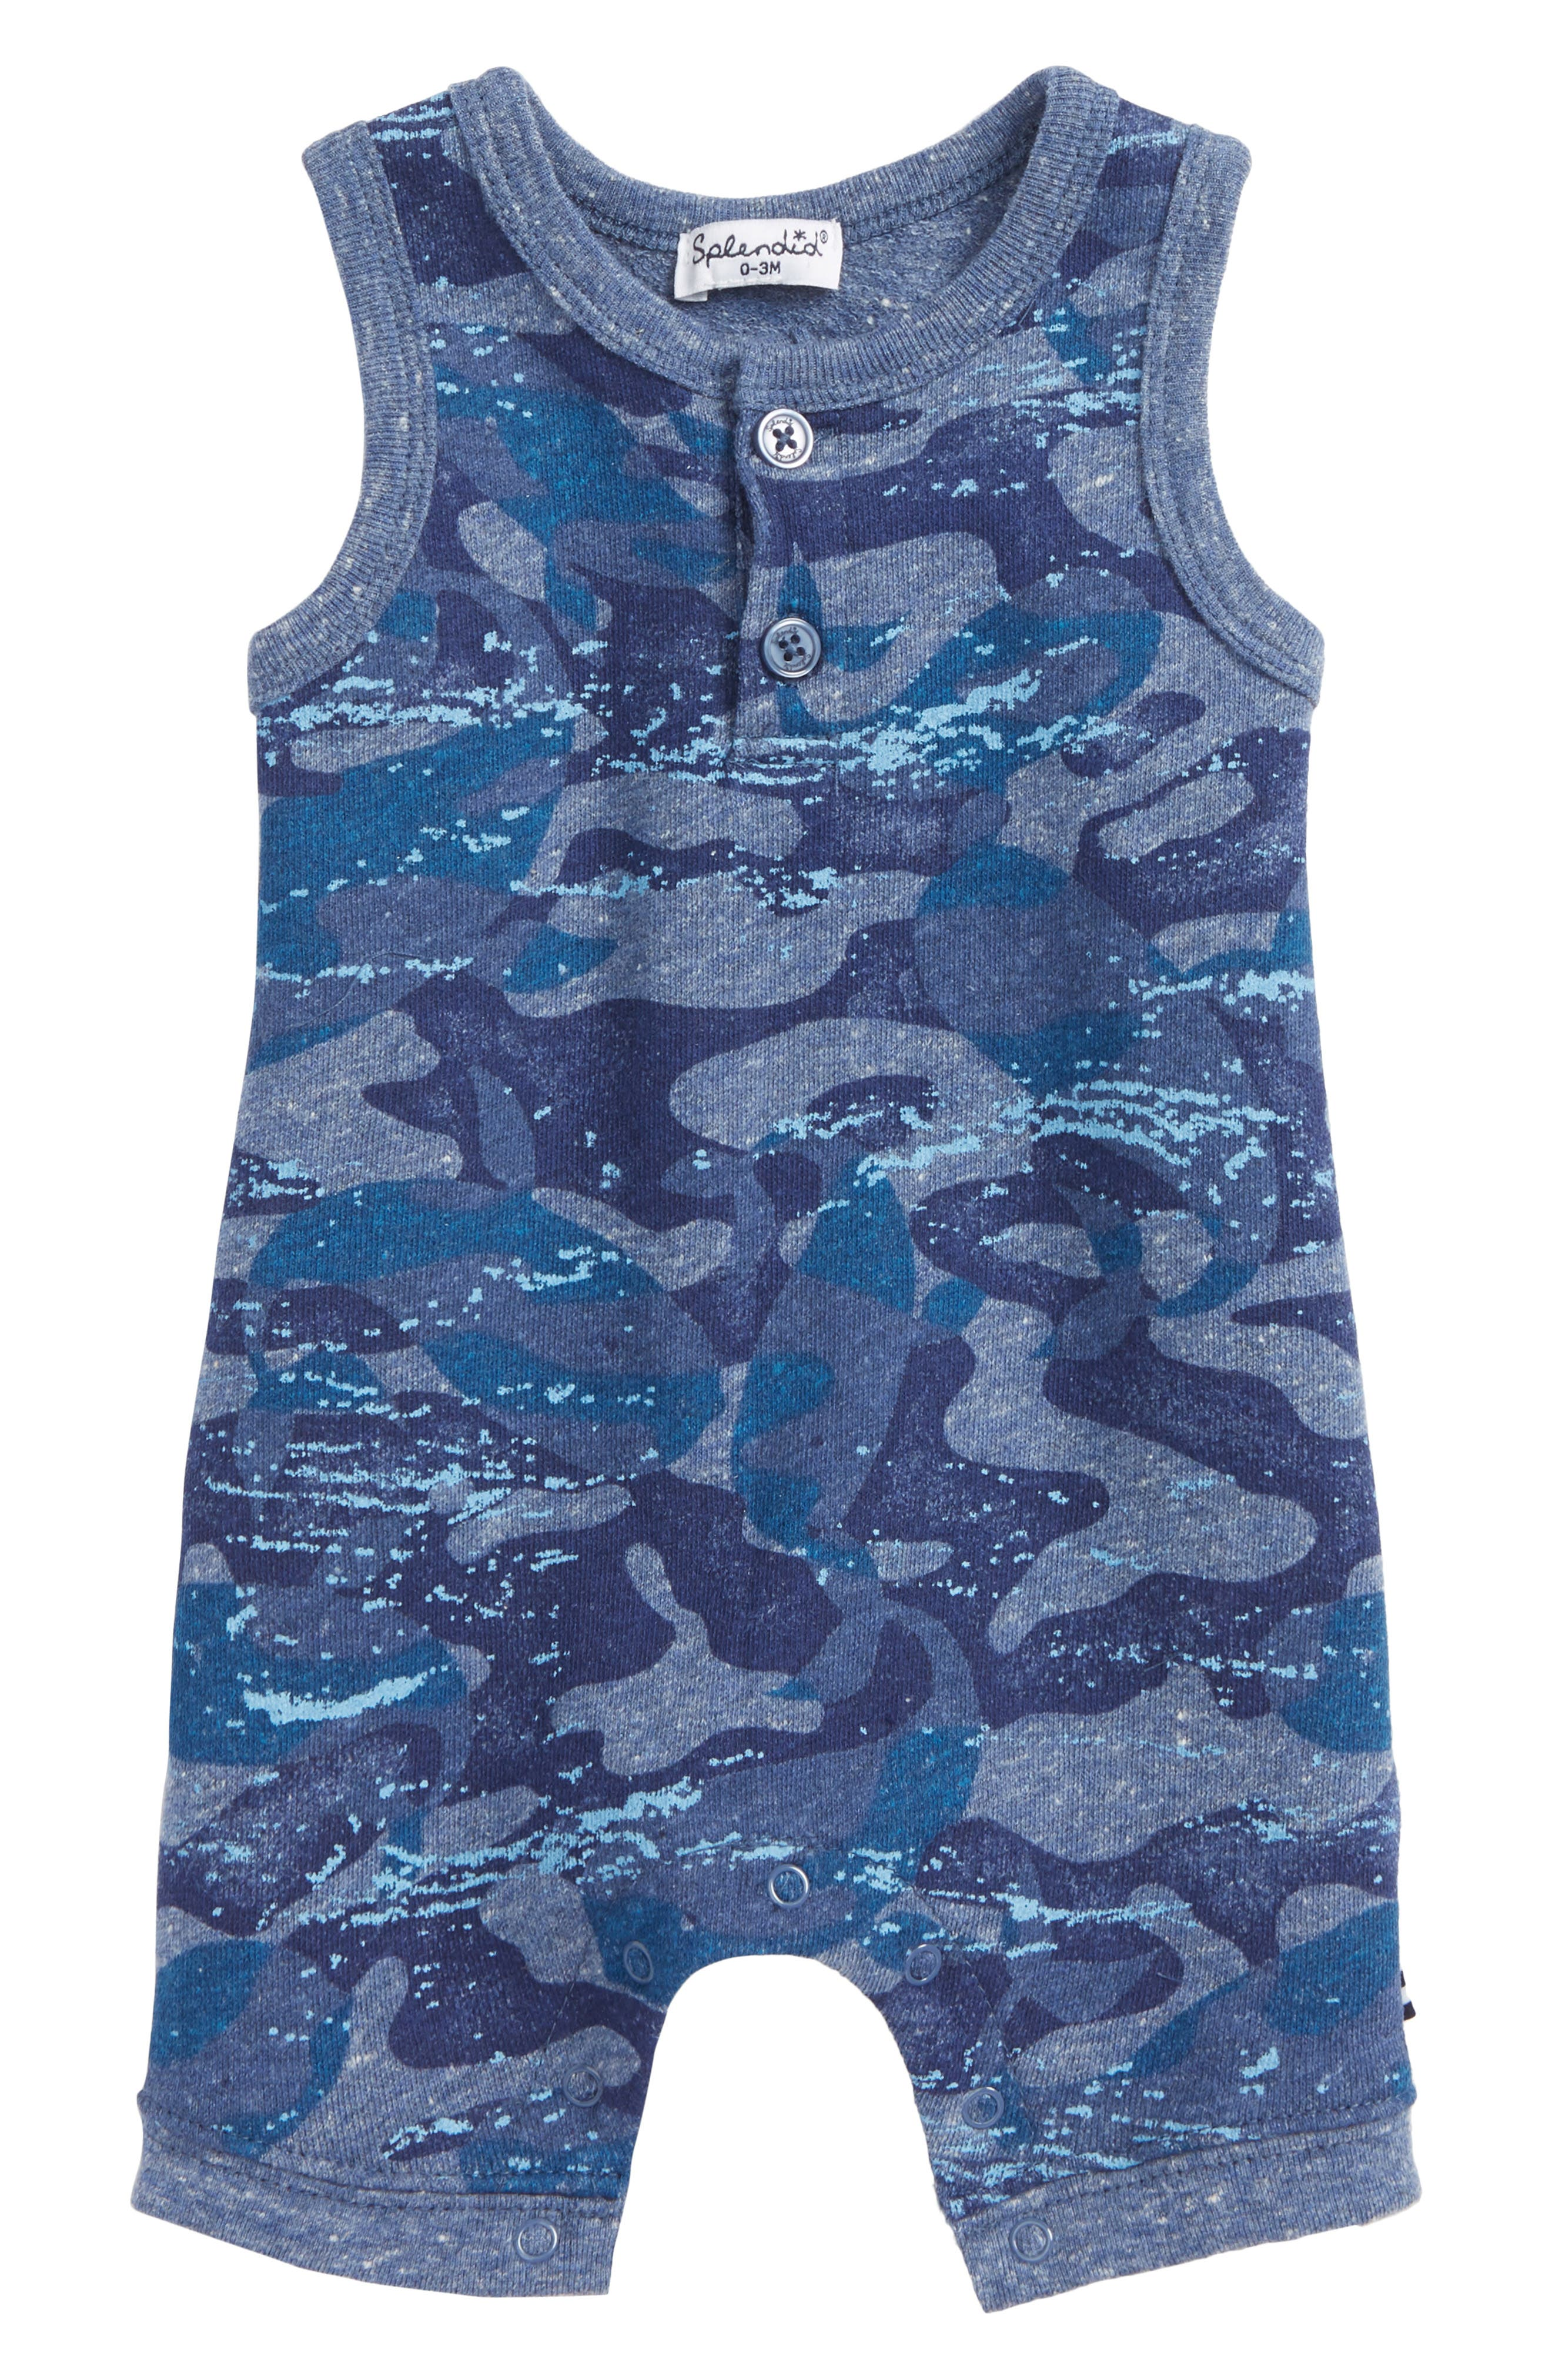 Whale Camo Romper,                             Main thumbnail 1, color,                             420